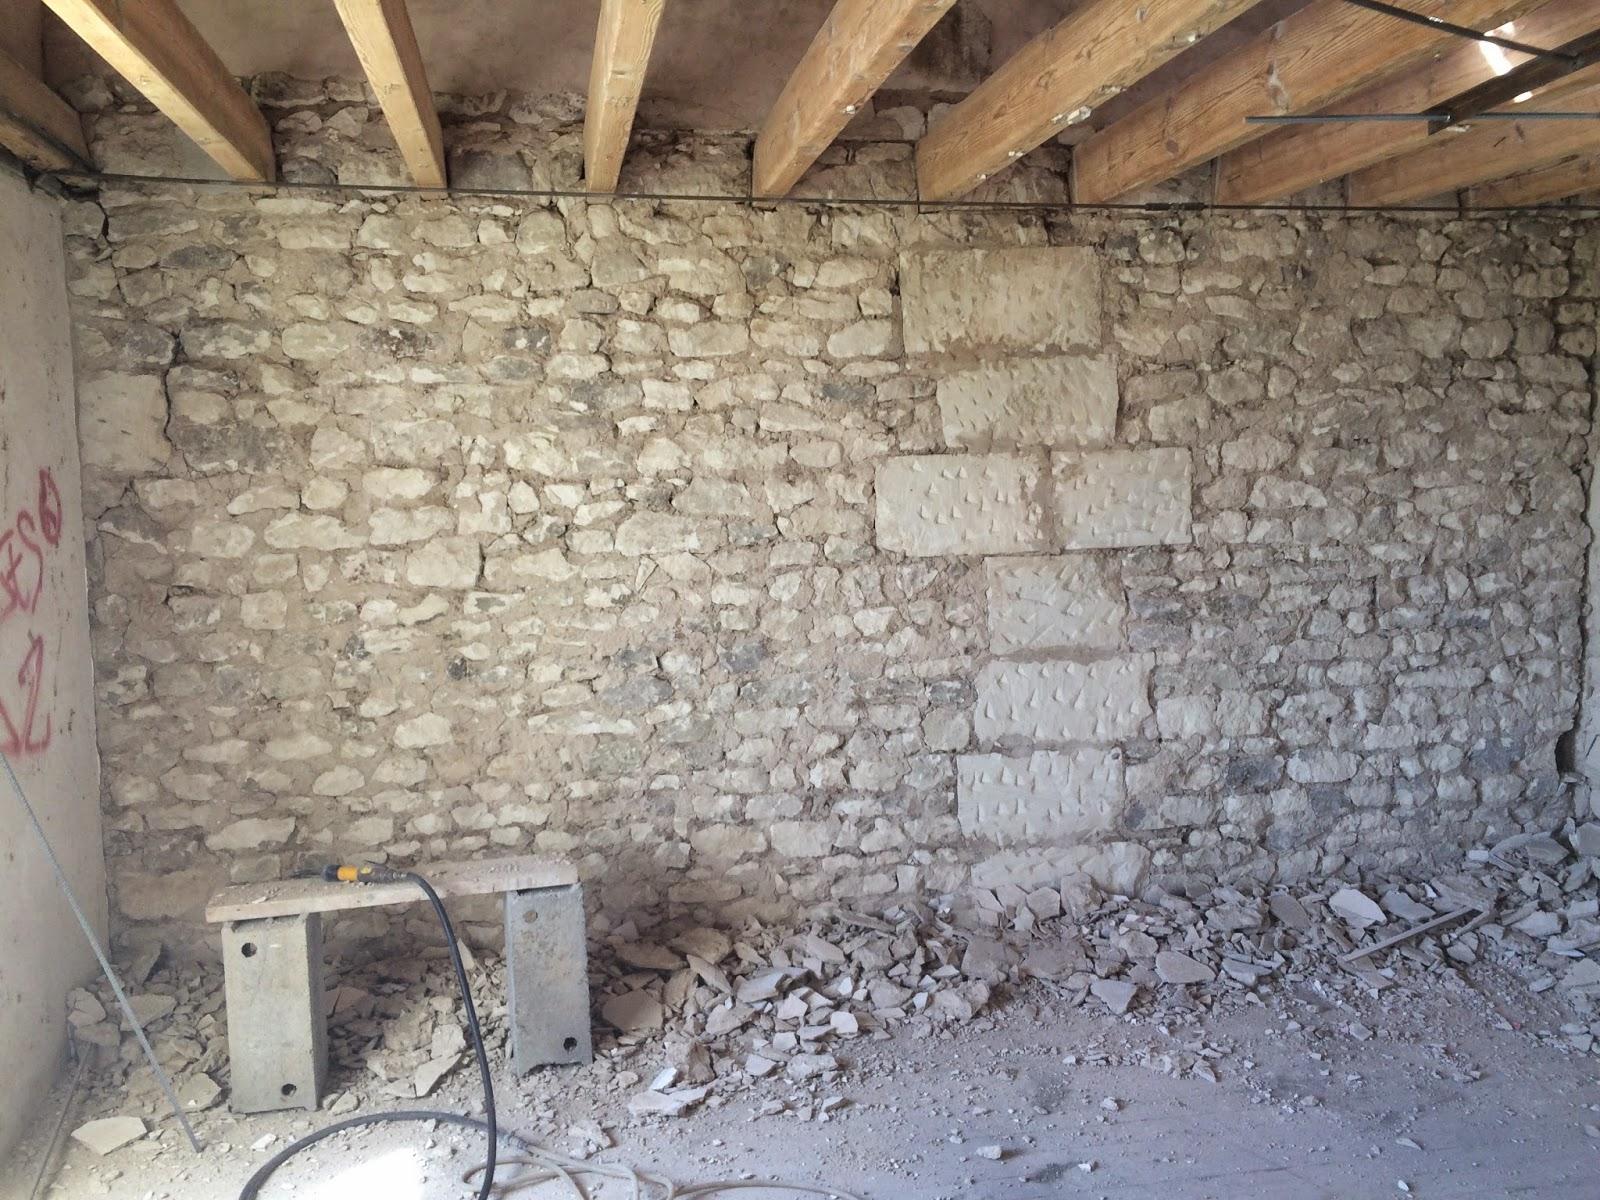 R novation d une maison de campagne nettoyage de l 39 enduit for Nettoyage maison exterieur